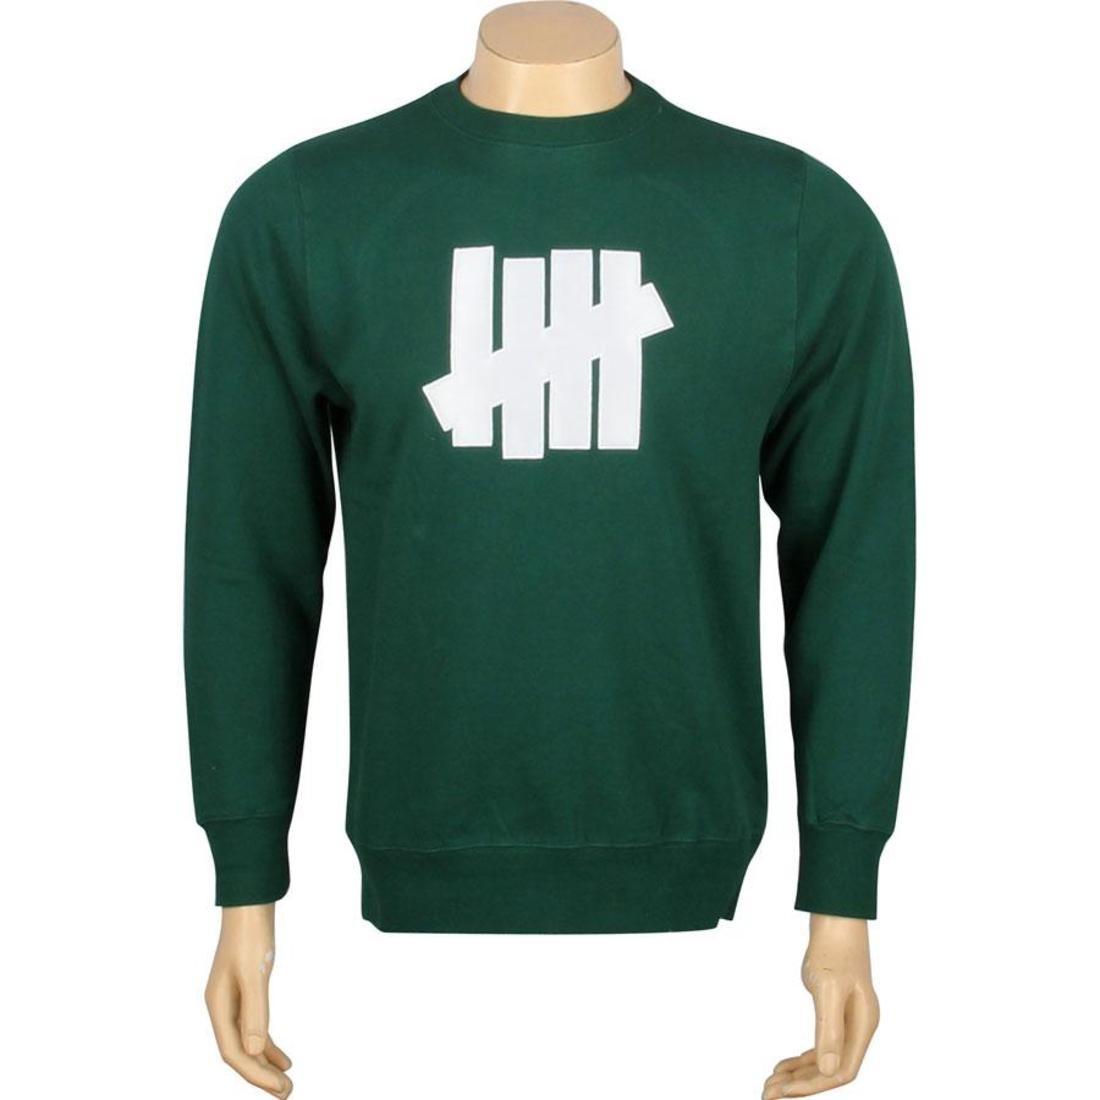 【海外限定】ストライク BASIC Tシャツ UNDEFEATED】 カットソー【 UNDEFEATED 5 STRIKE BASIC PULLOVER CREWNECK FOREST】, ファイト:e0422a1a --- officewill.xsrv.jp